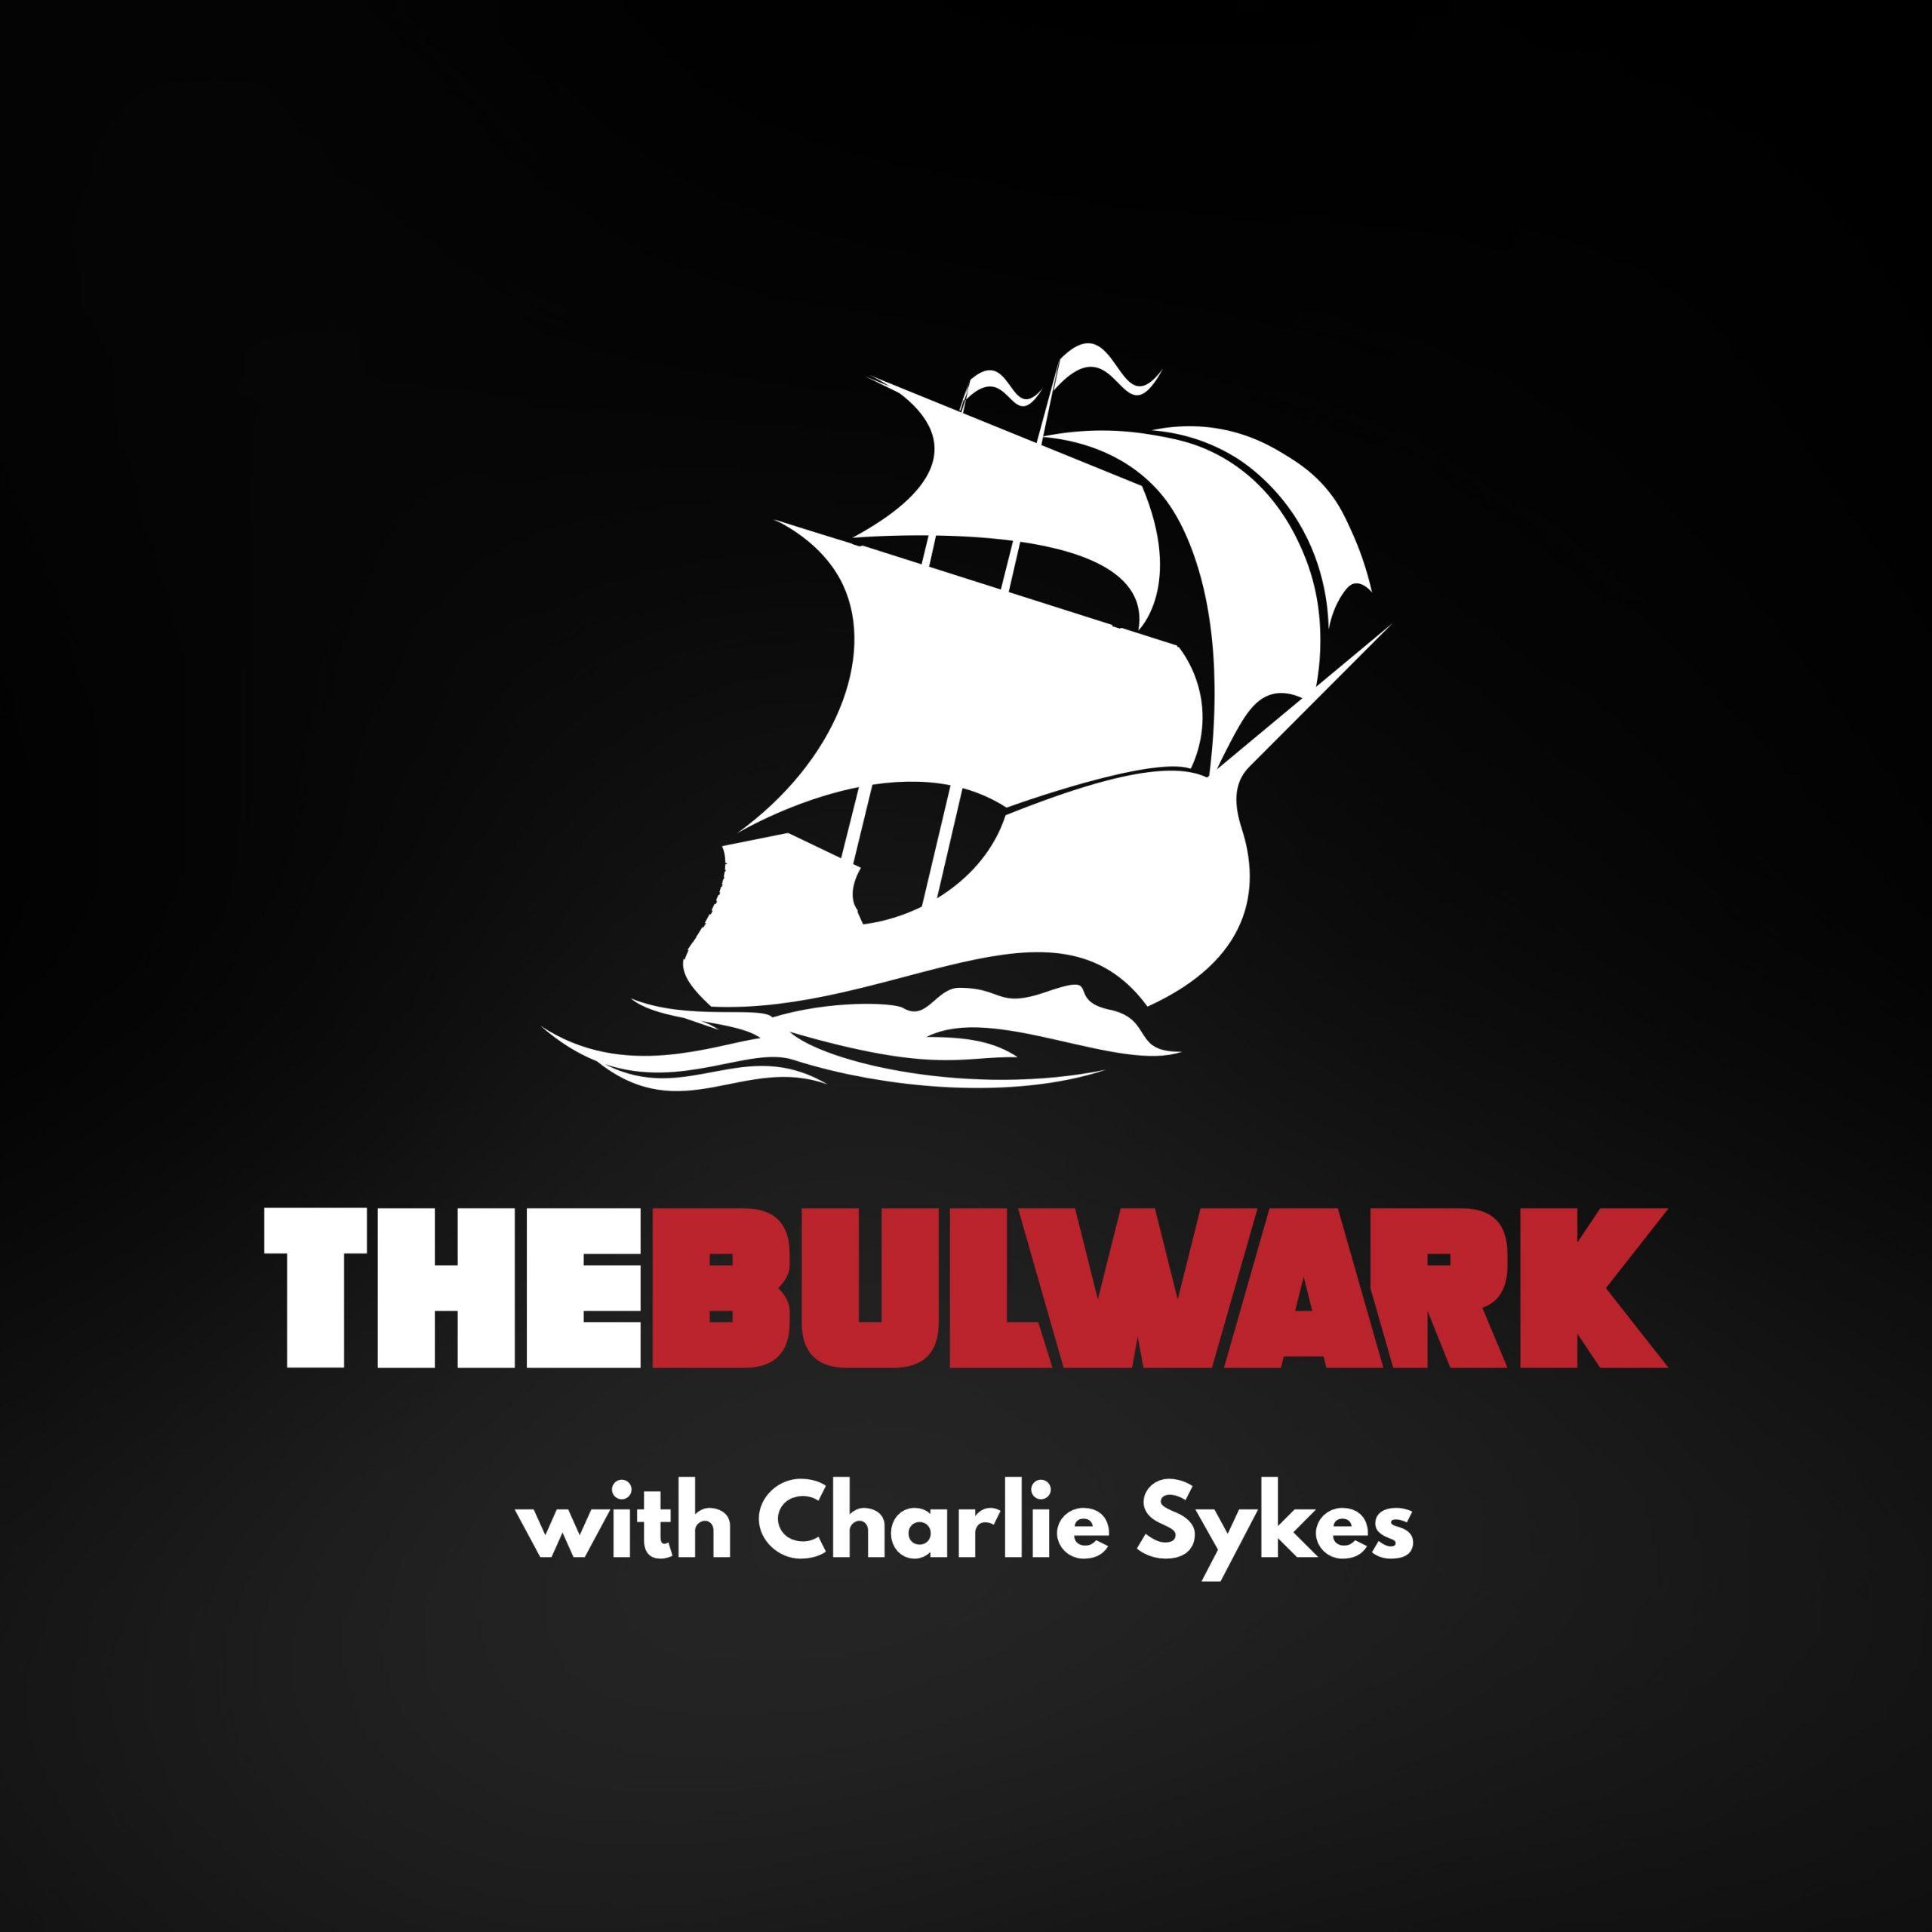 The Bulwark